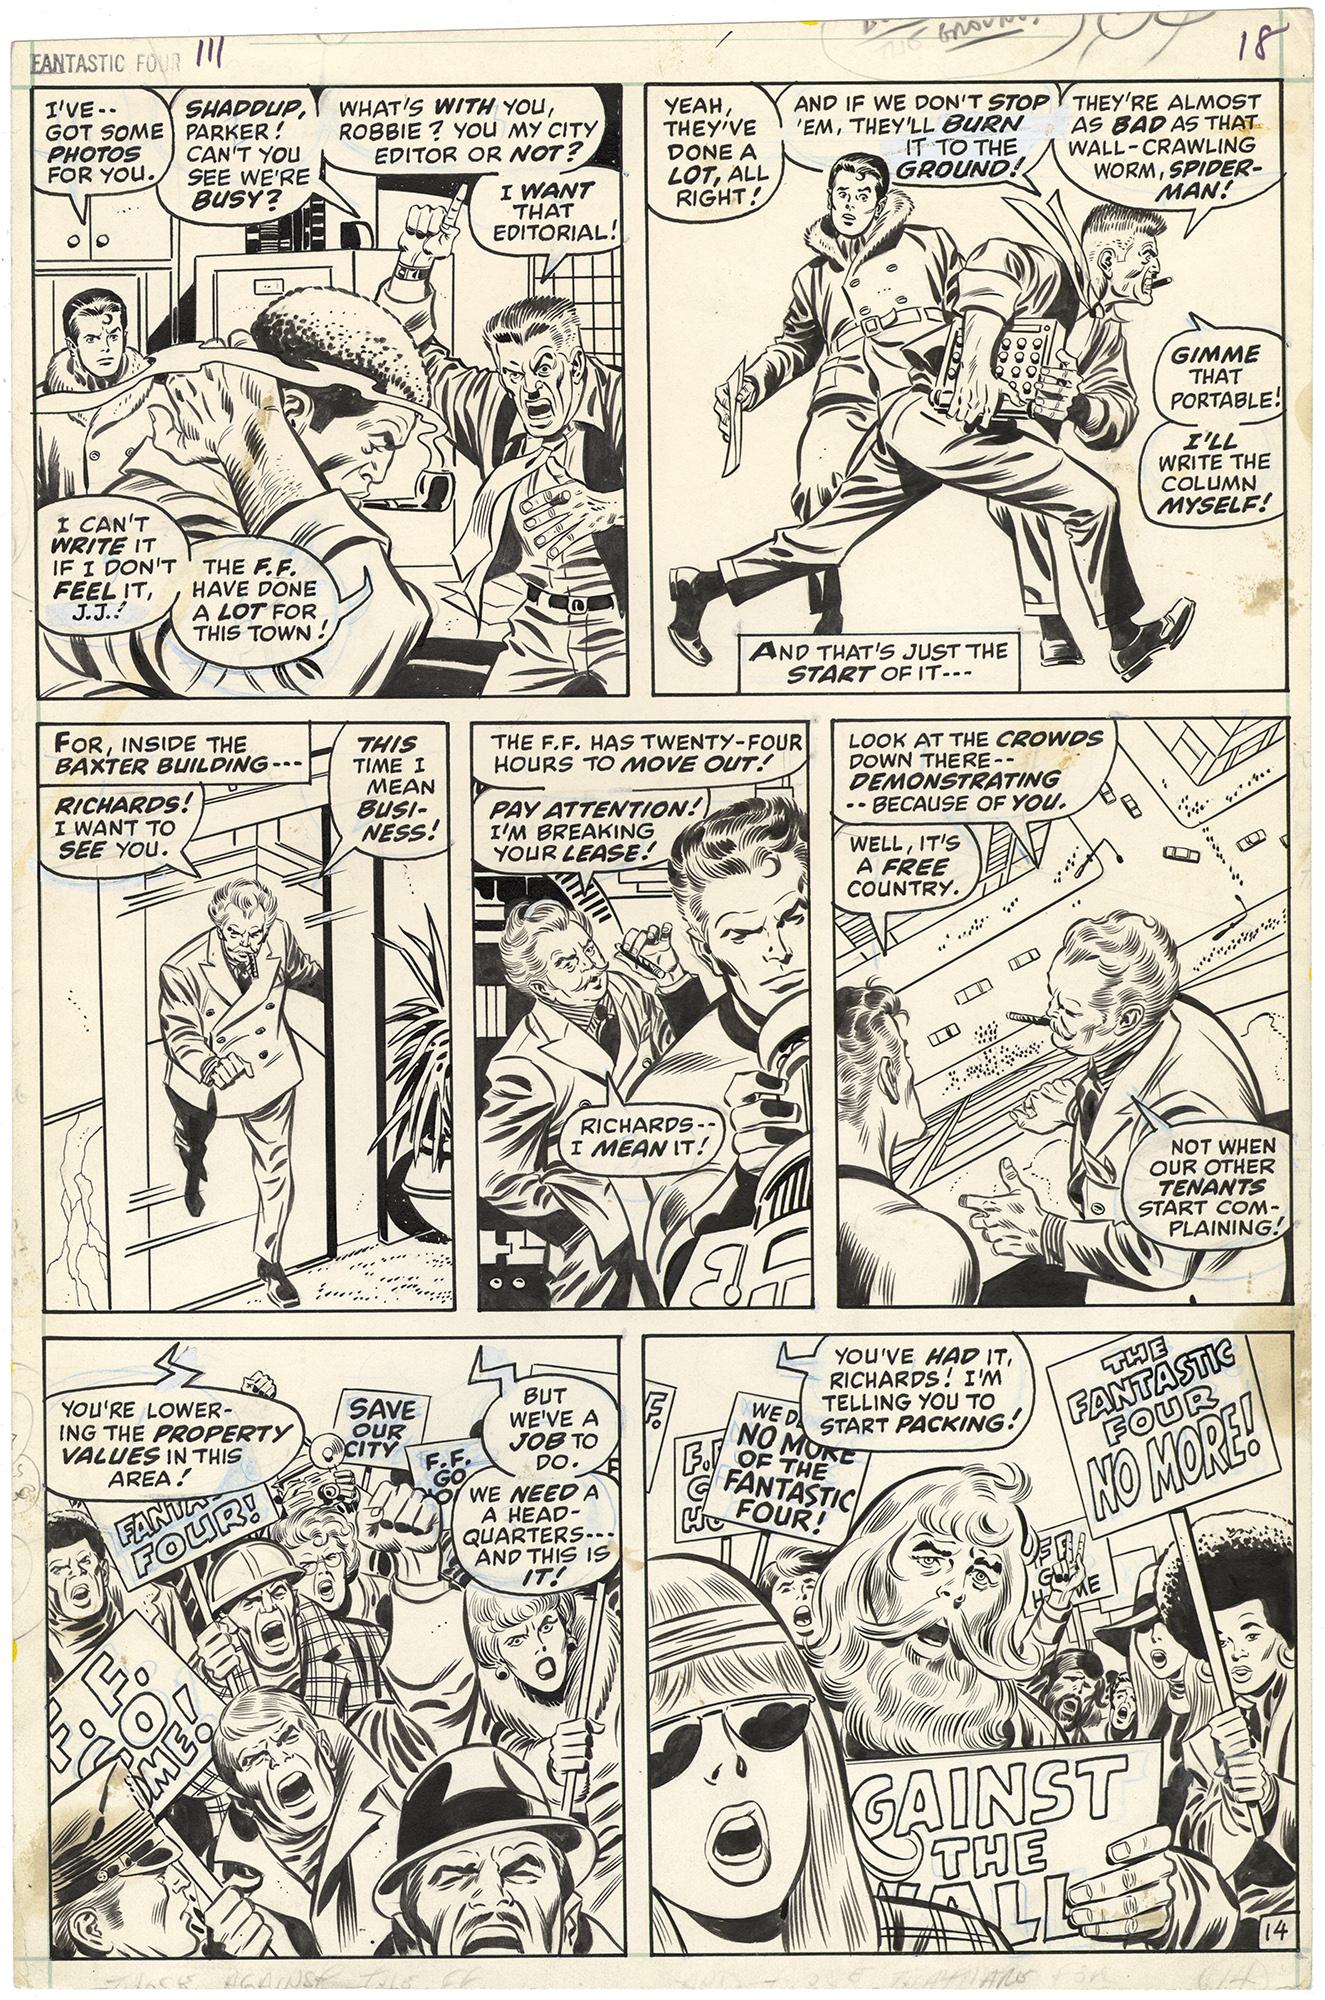 Fantastic Four #111 p14